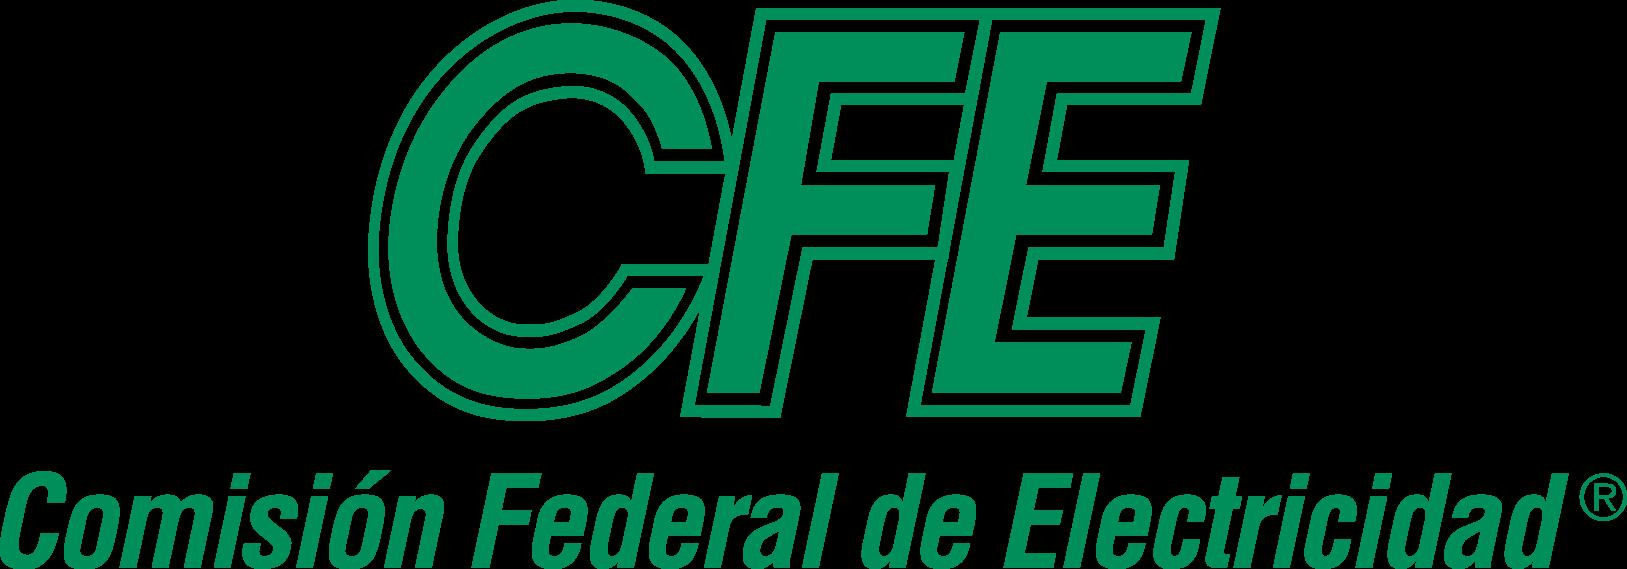 CFE Logo   Comision Federal de Electricidad png